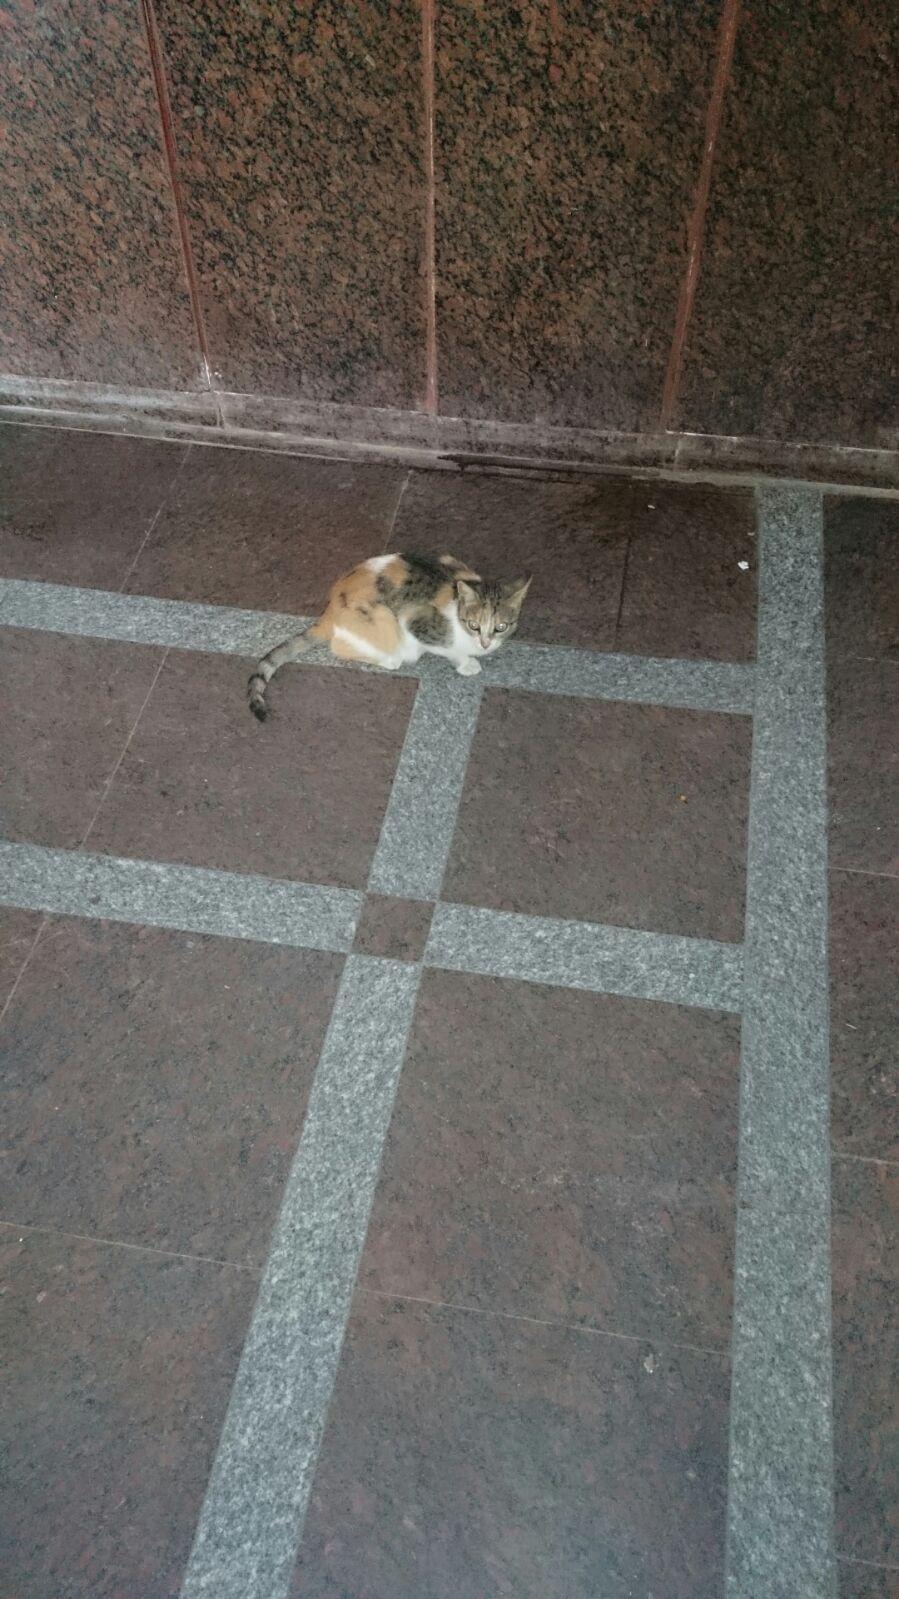 بالصور.. قطط تلهو في طرقات مستشفى مطوبس.. ودماء على الأرض